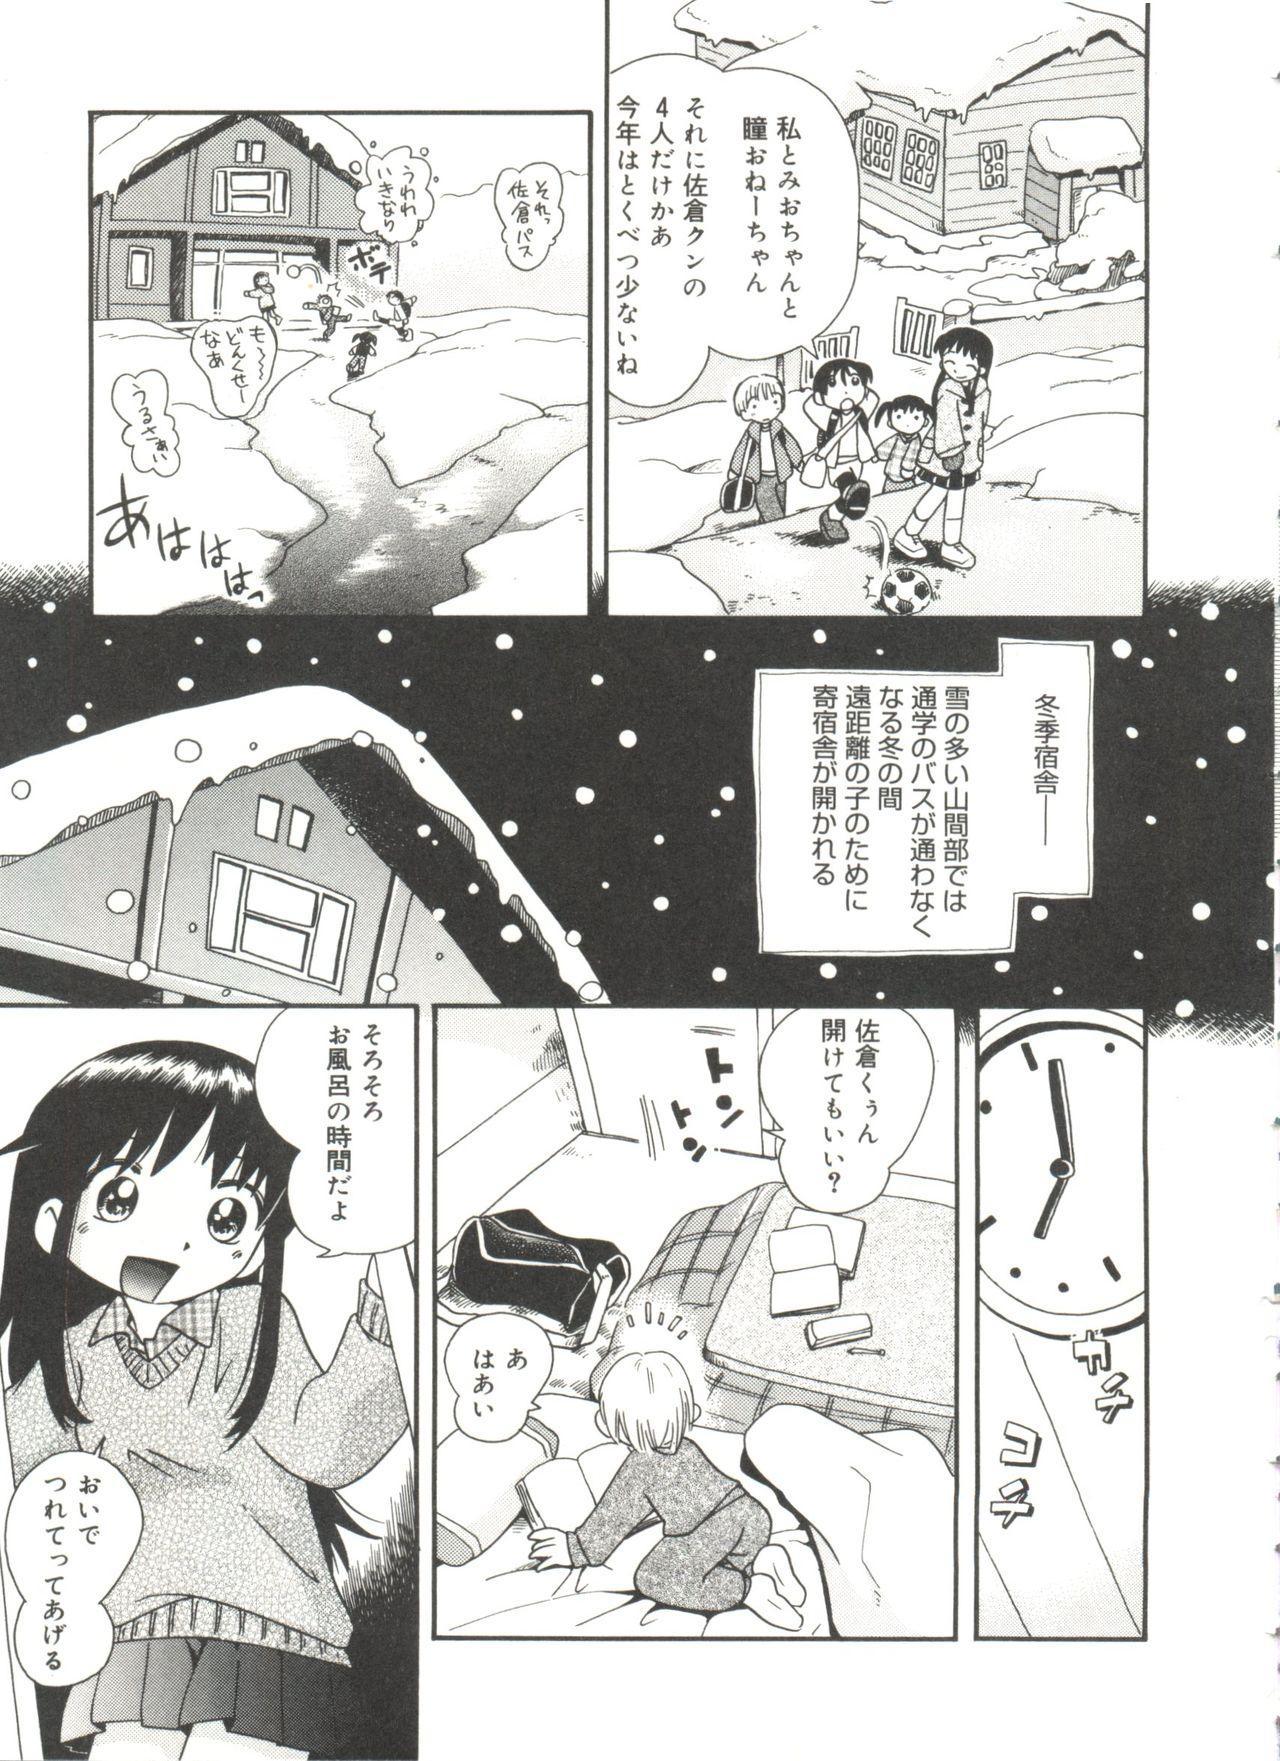 Nakayoshi-chan 156